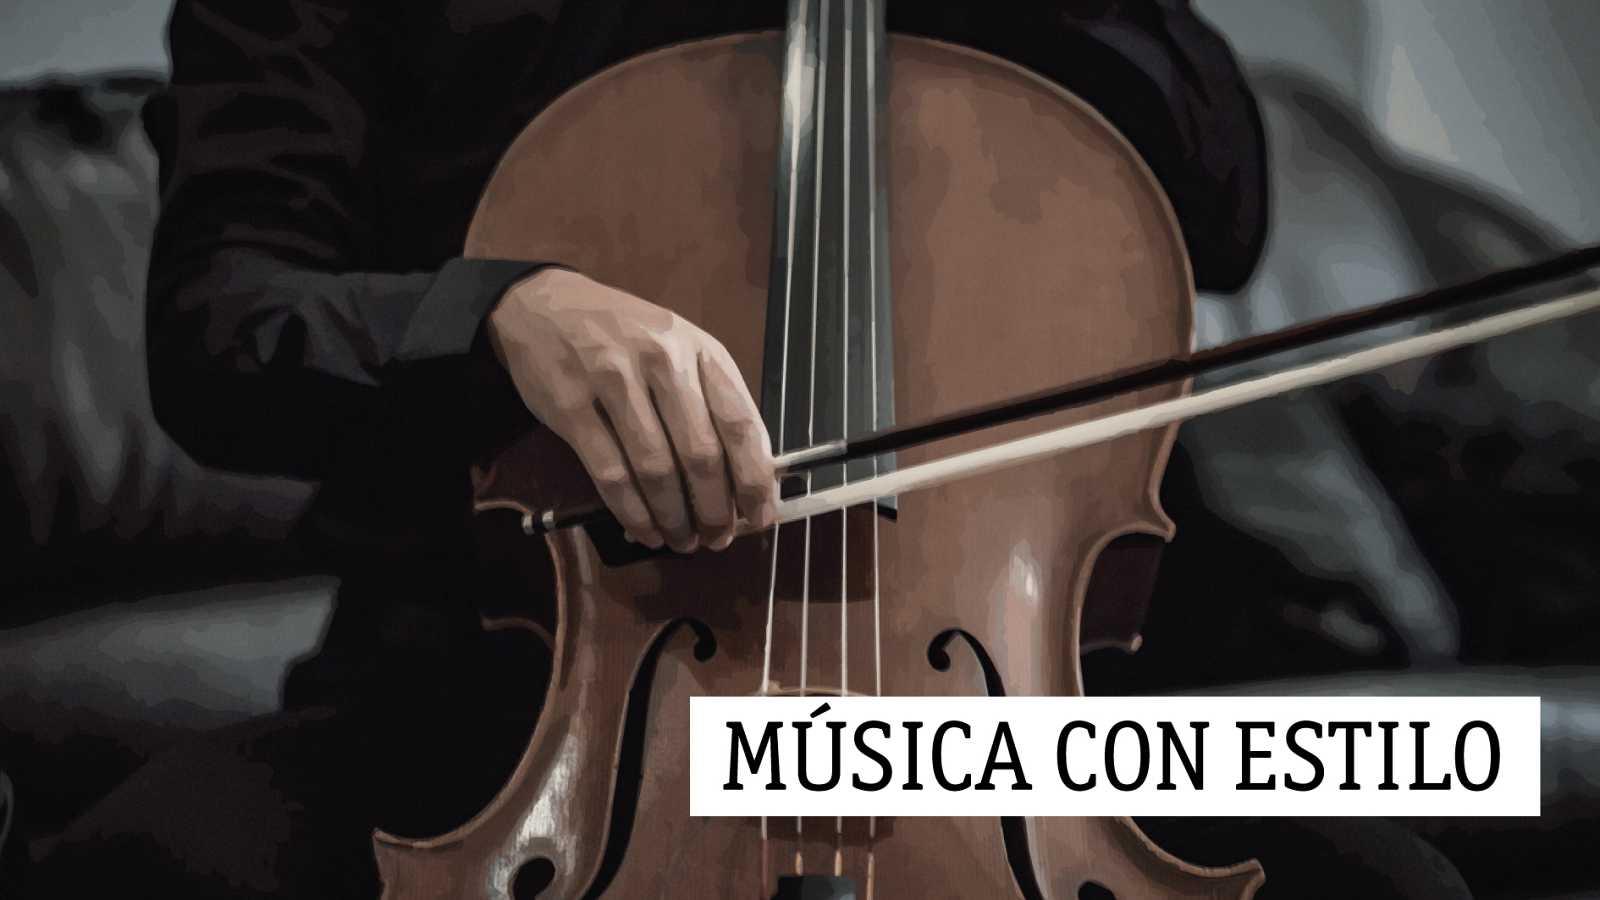 Música con estilo - Bach y el estilo italiano - 28/07/19 - escuchar ahora